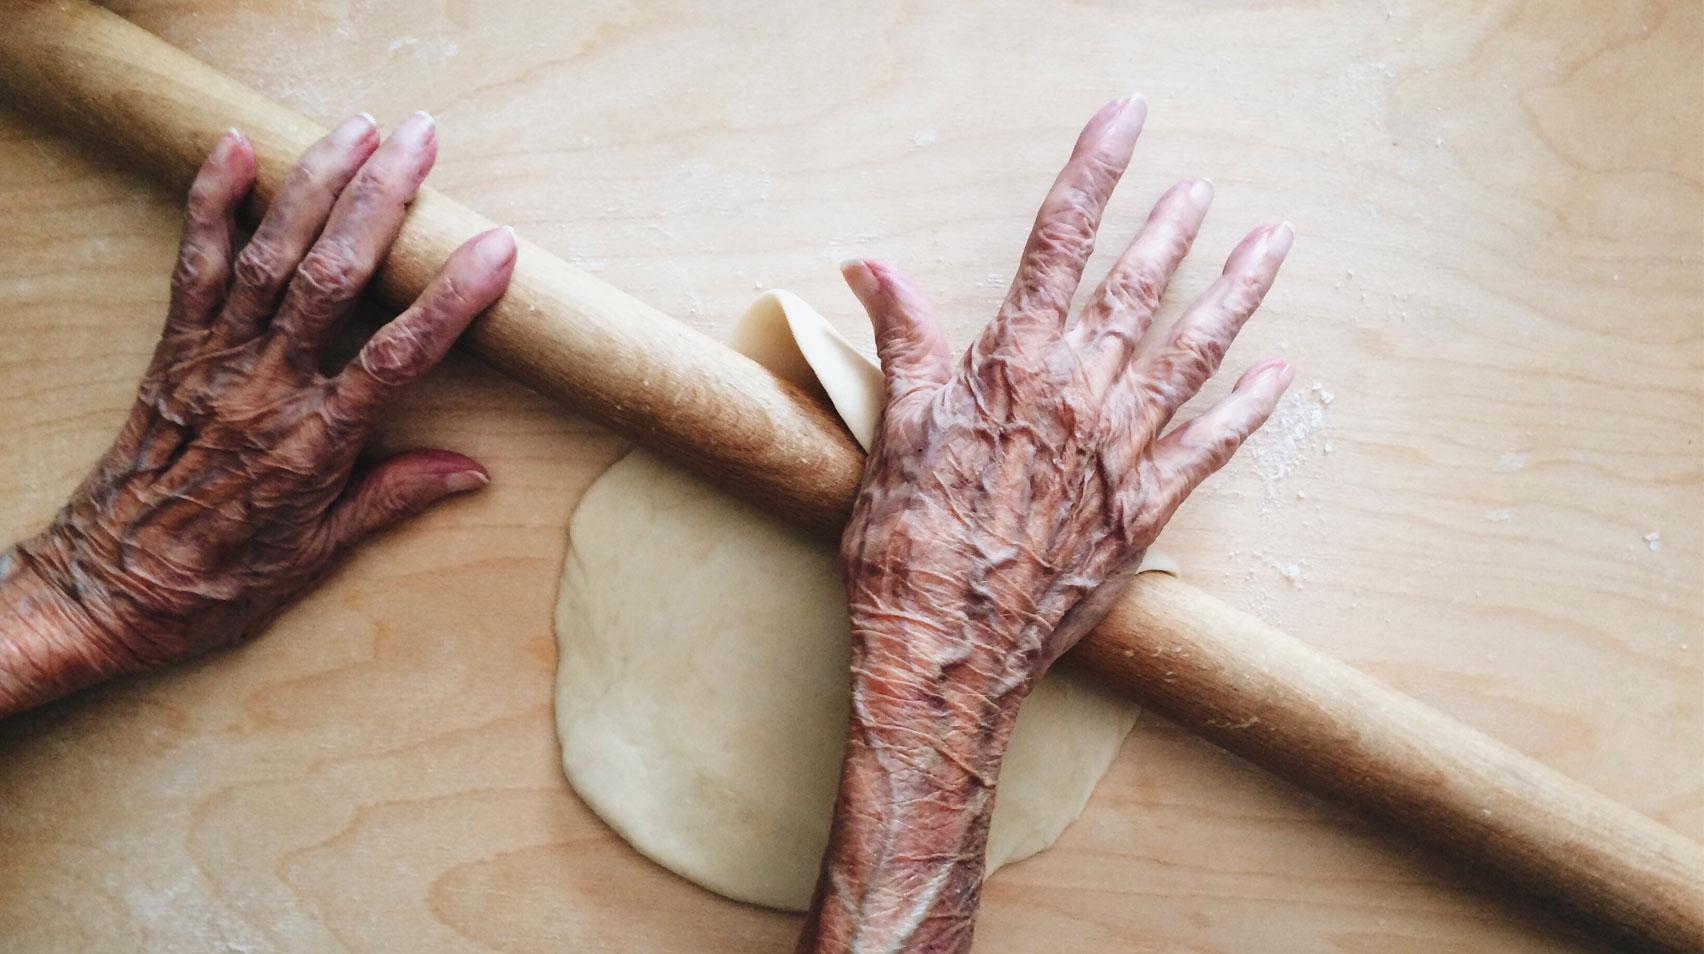 gnocco-fritto-modena-preparazione2